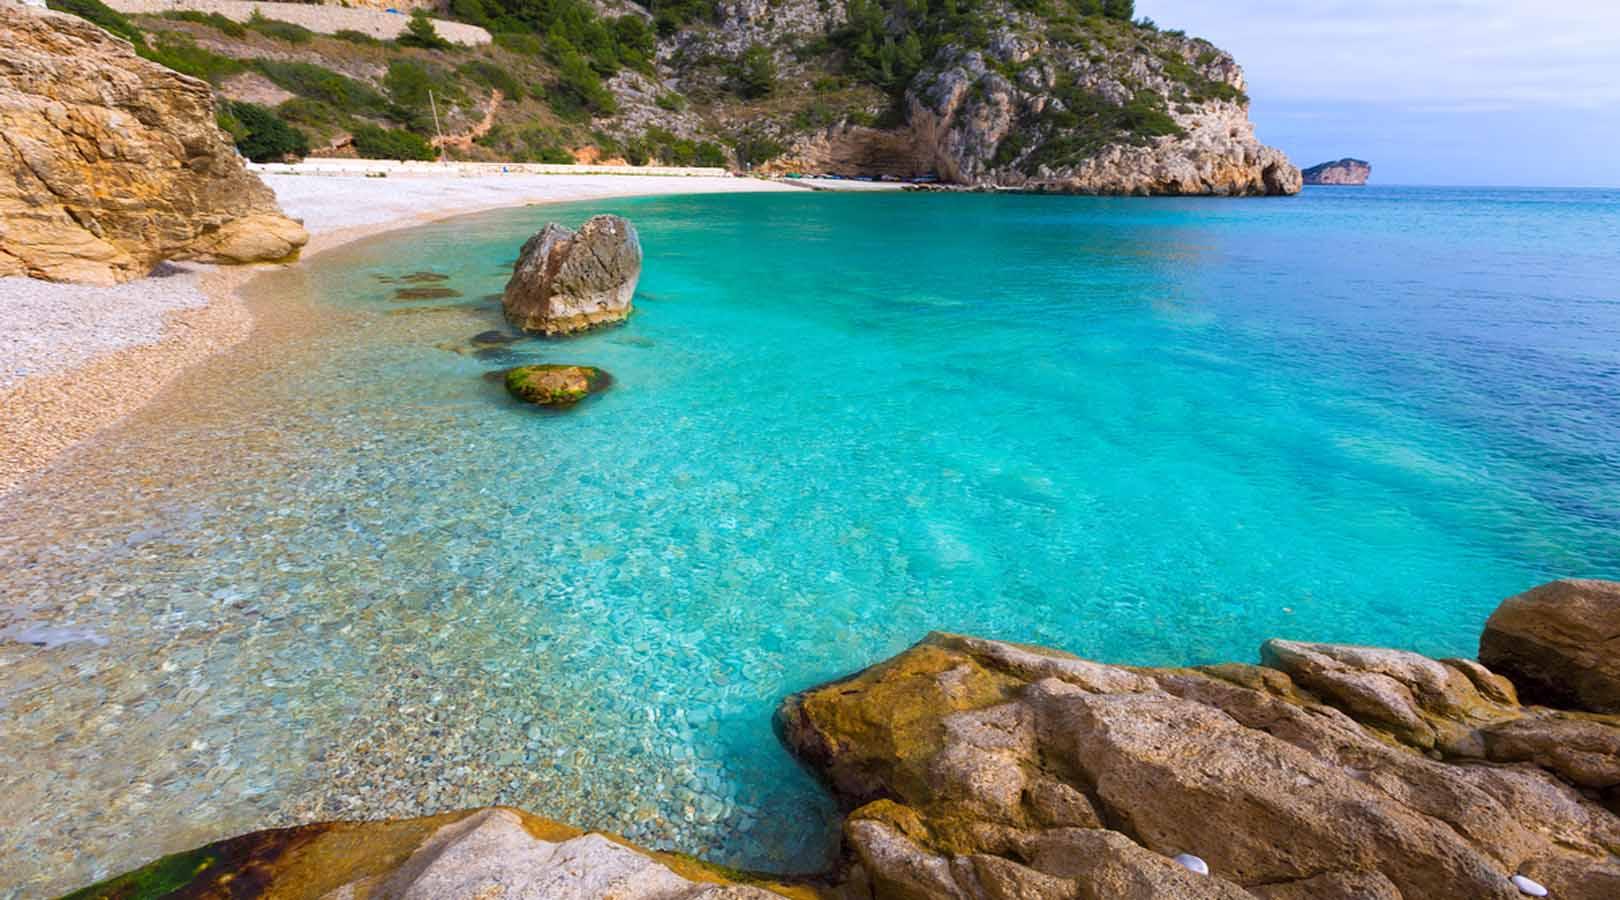 Javea coves and beaches